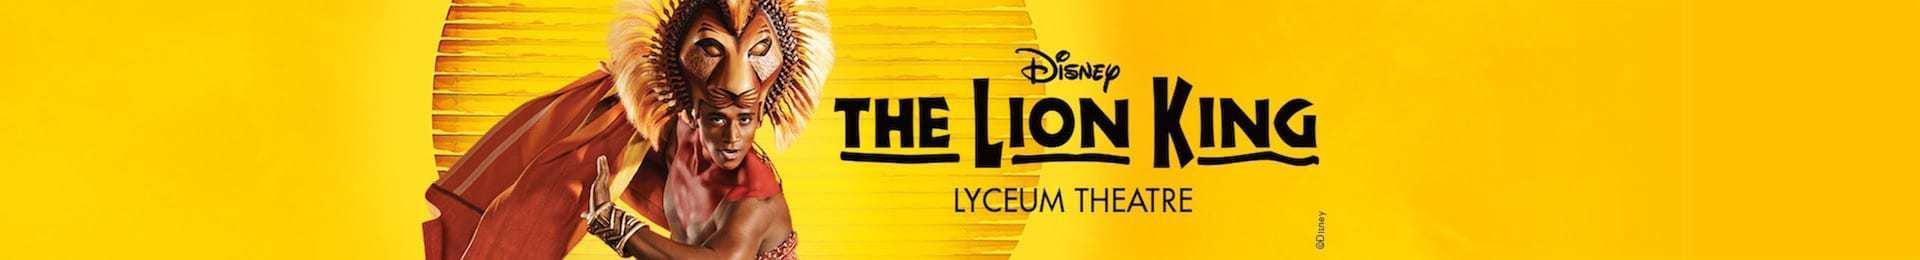 כרטיסים למלך האריות The Lion King בלונדון